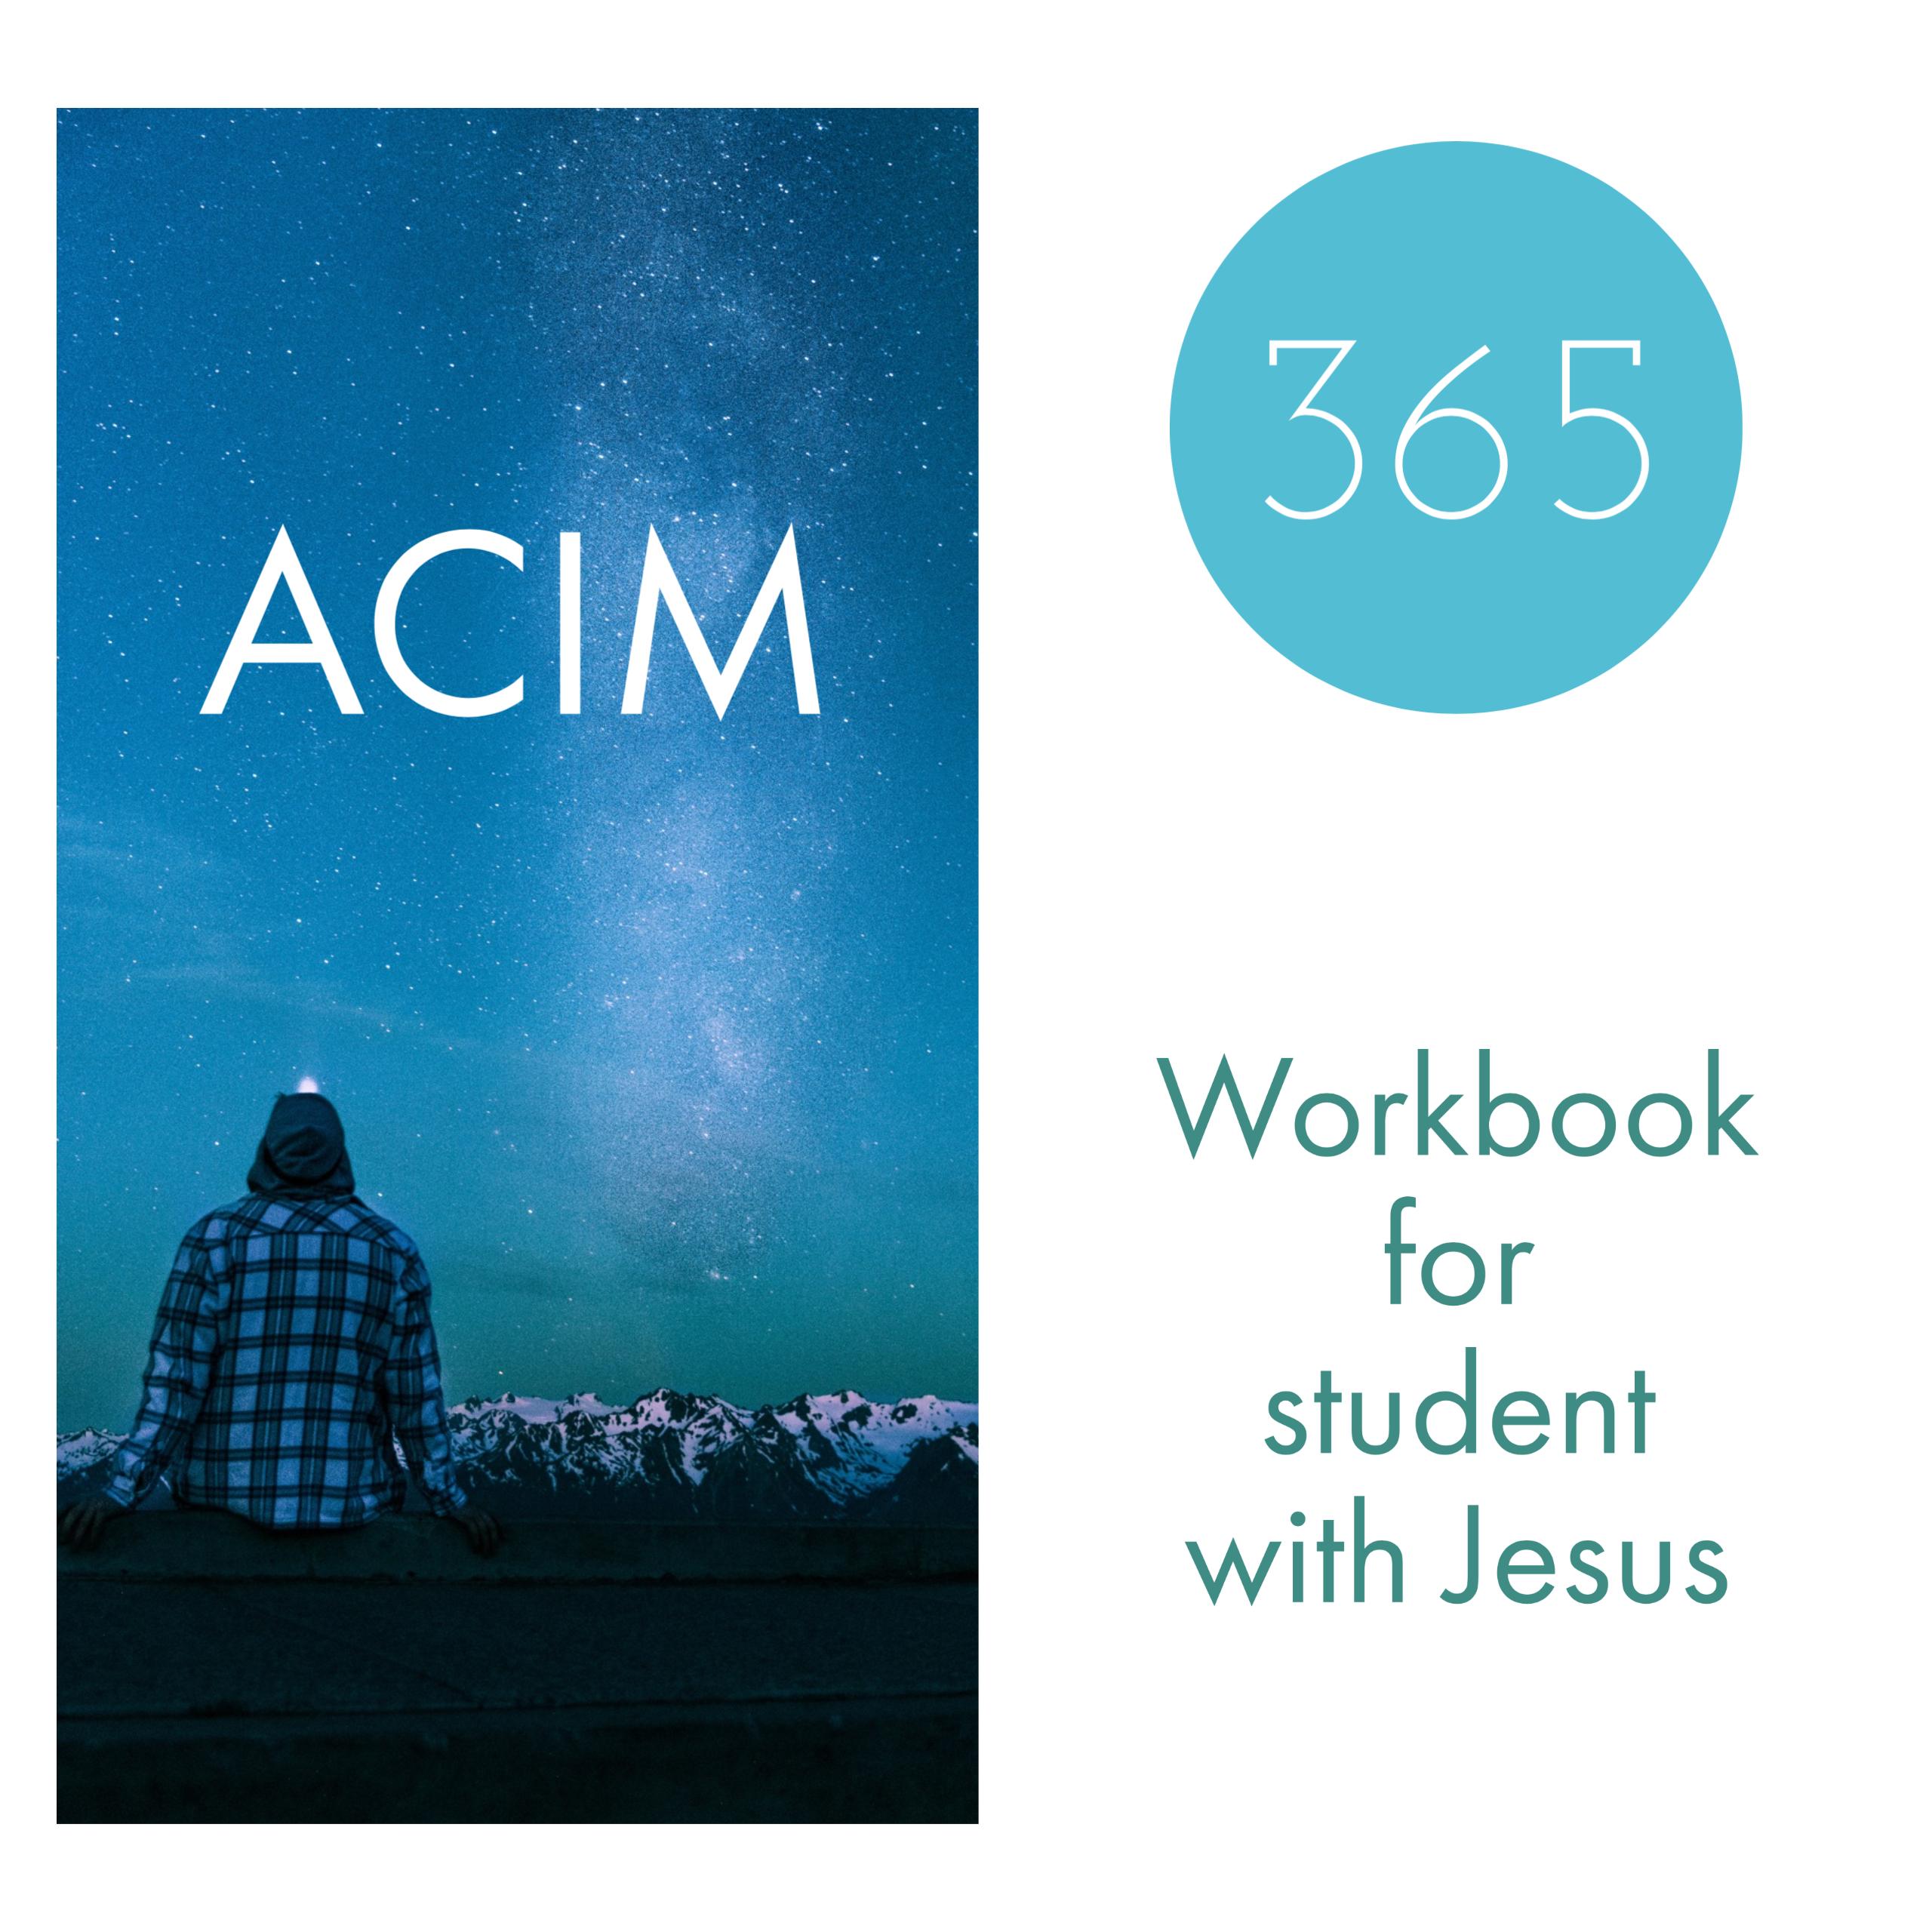 奇蹟課程學員練習手冊+耶穌的傳導